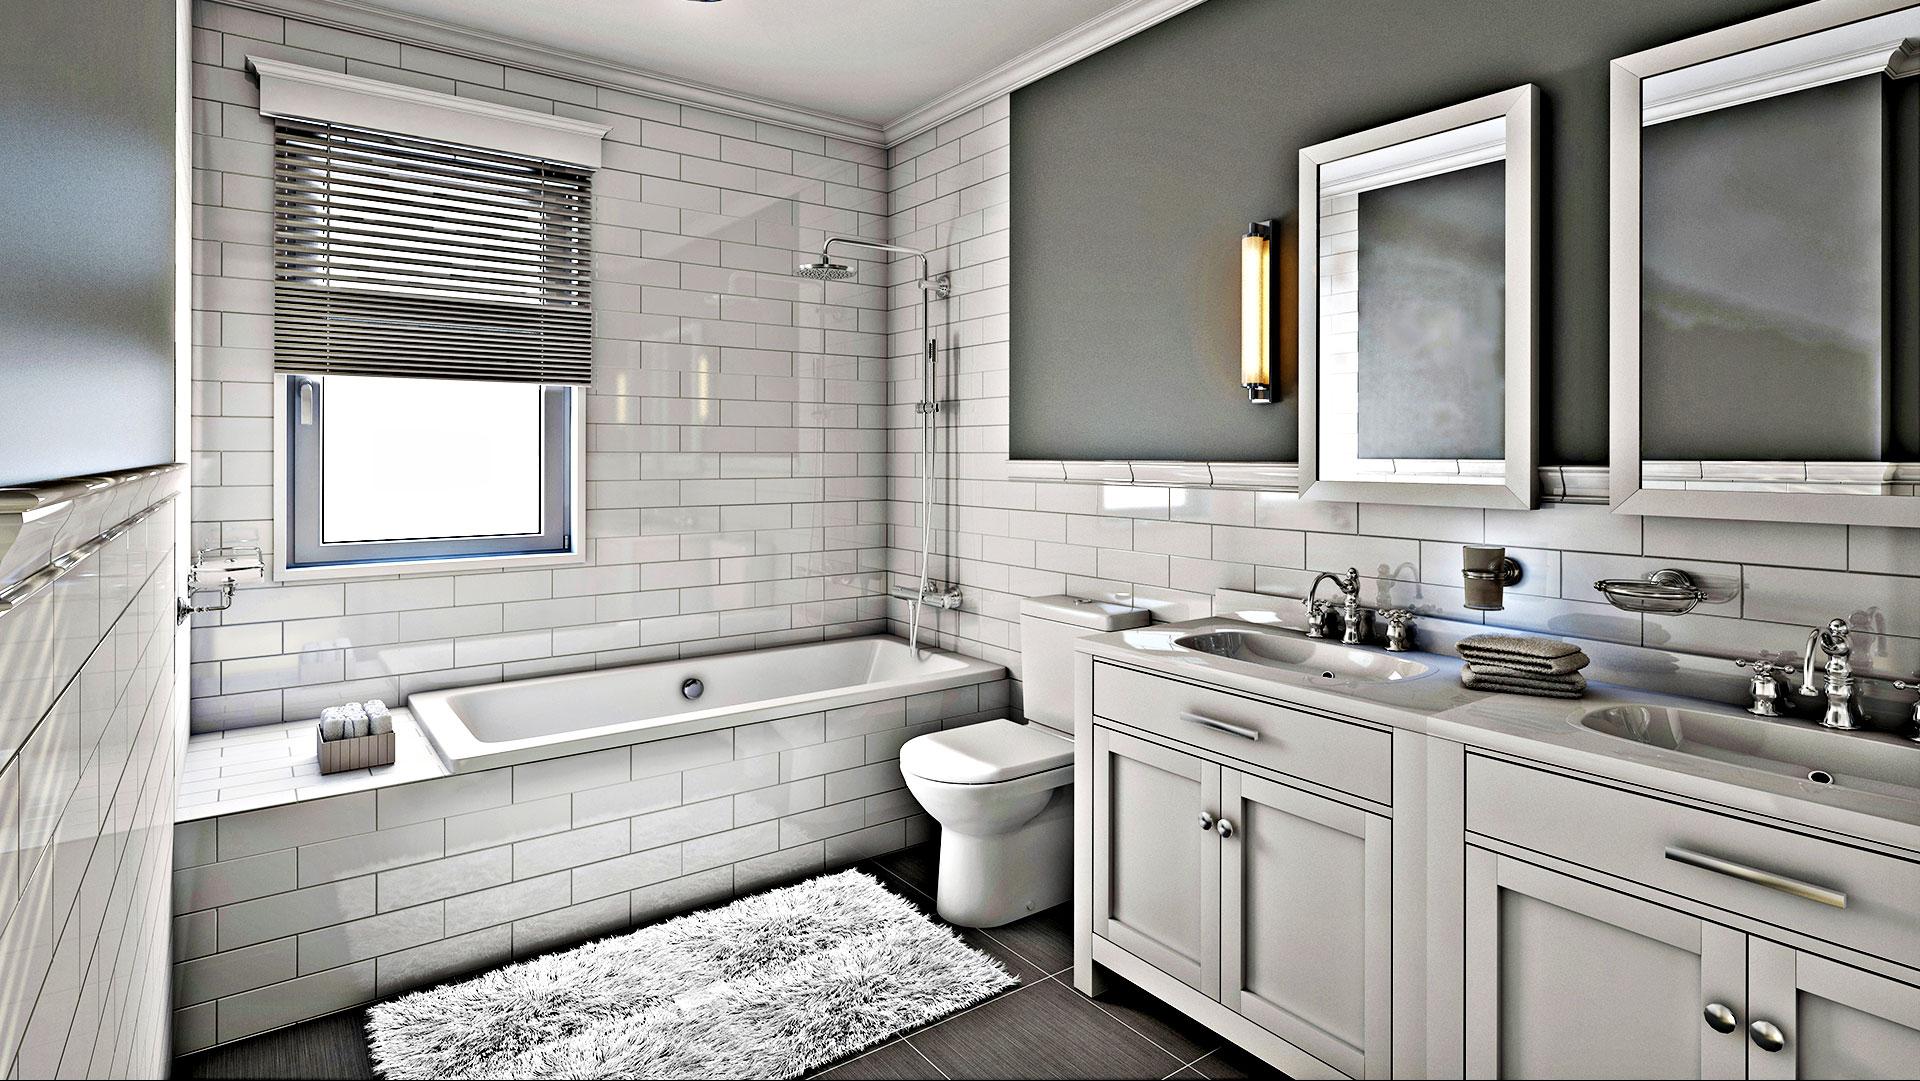 Remodeled Bathroom Home  Livingston Residential Remodeling Bathroom Remodeling And .